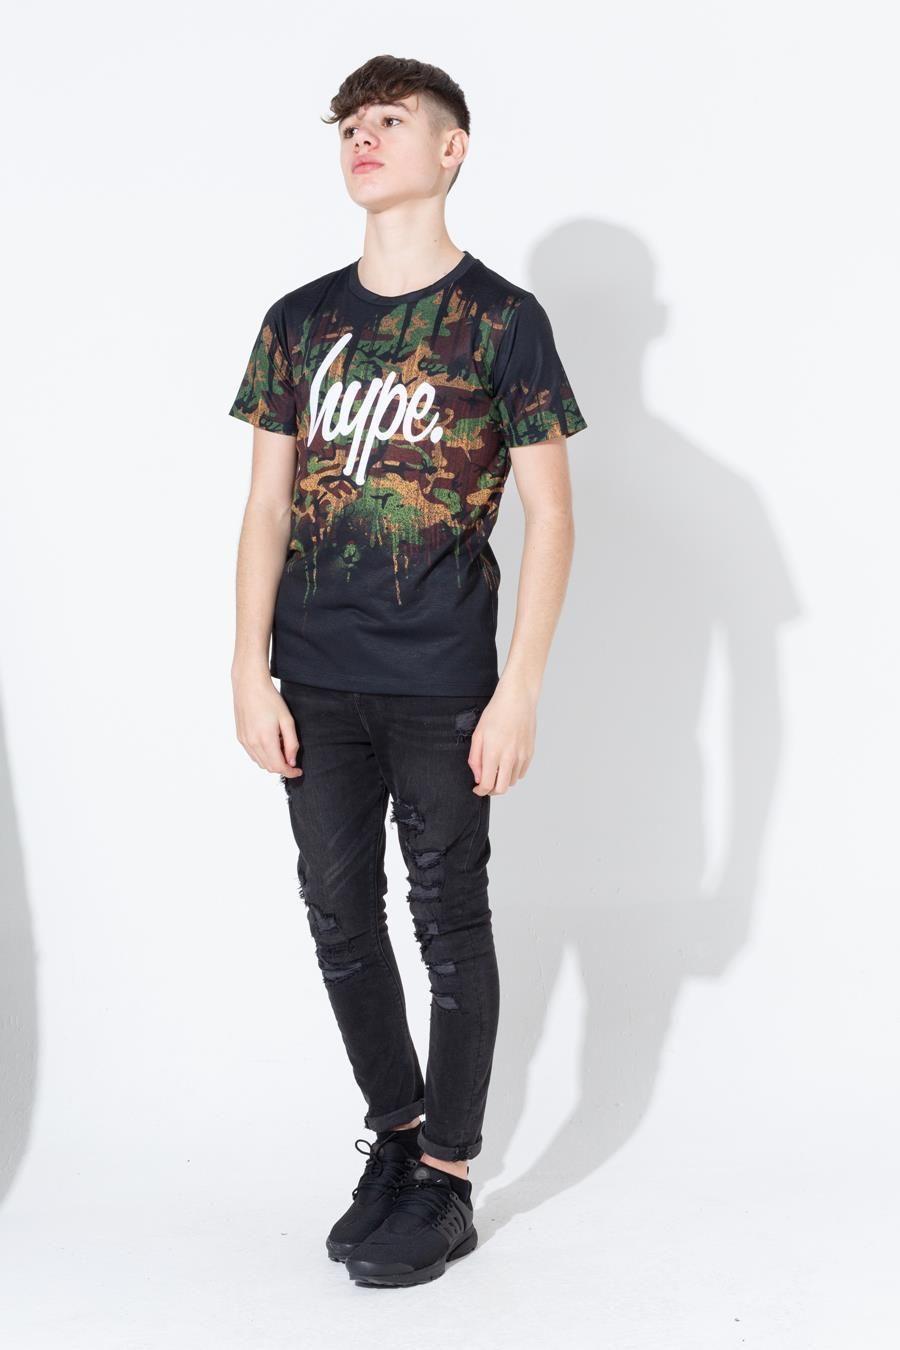 Hype Army Camo Drips Kids T-Shirt